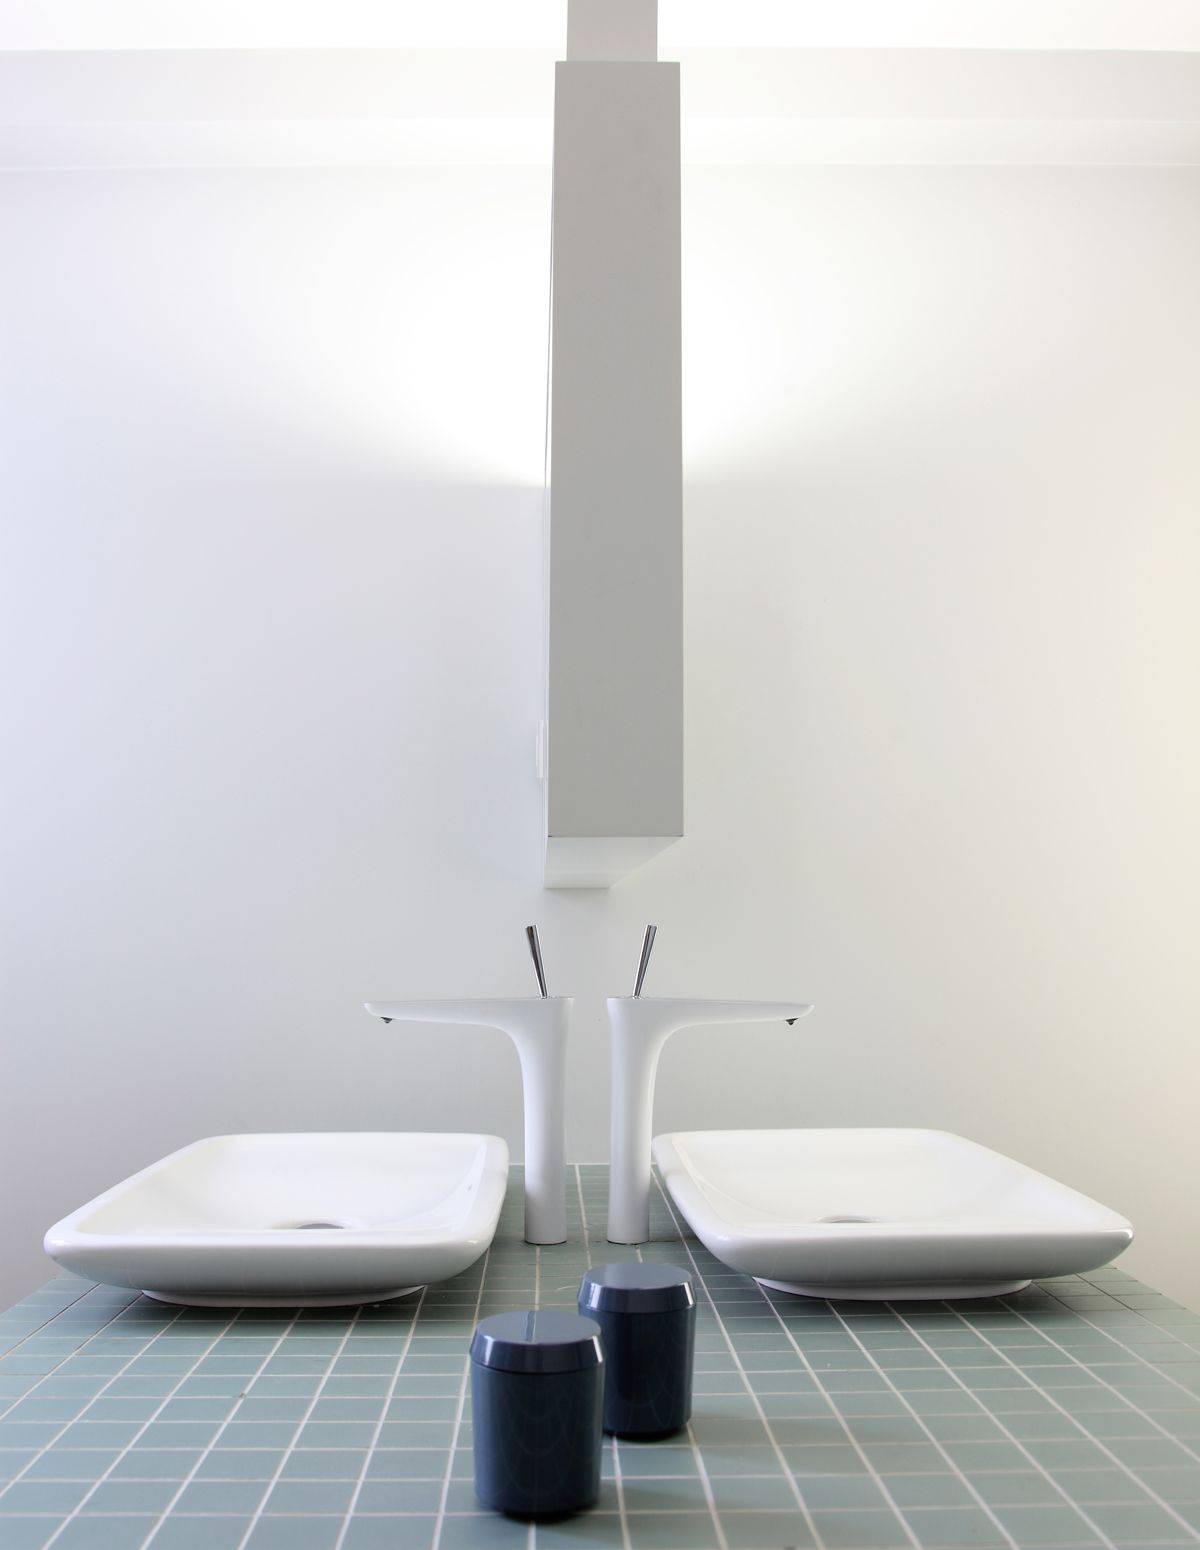 vasque en gres 2 vasques en face à face sur le bloc recouvert de carrelage en grès cerame  céladon